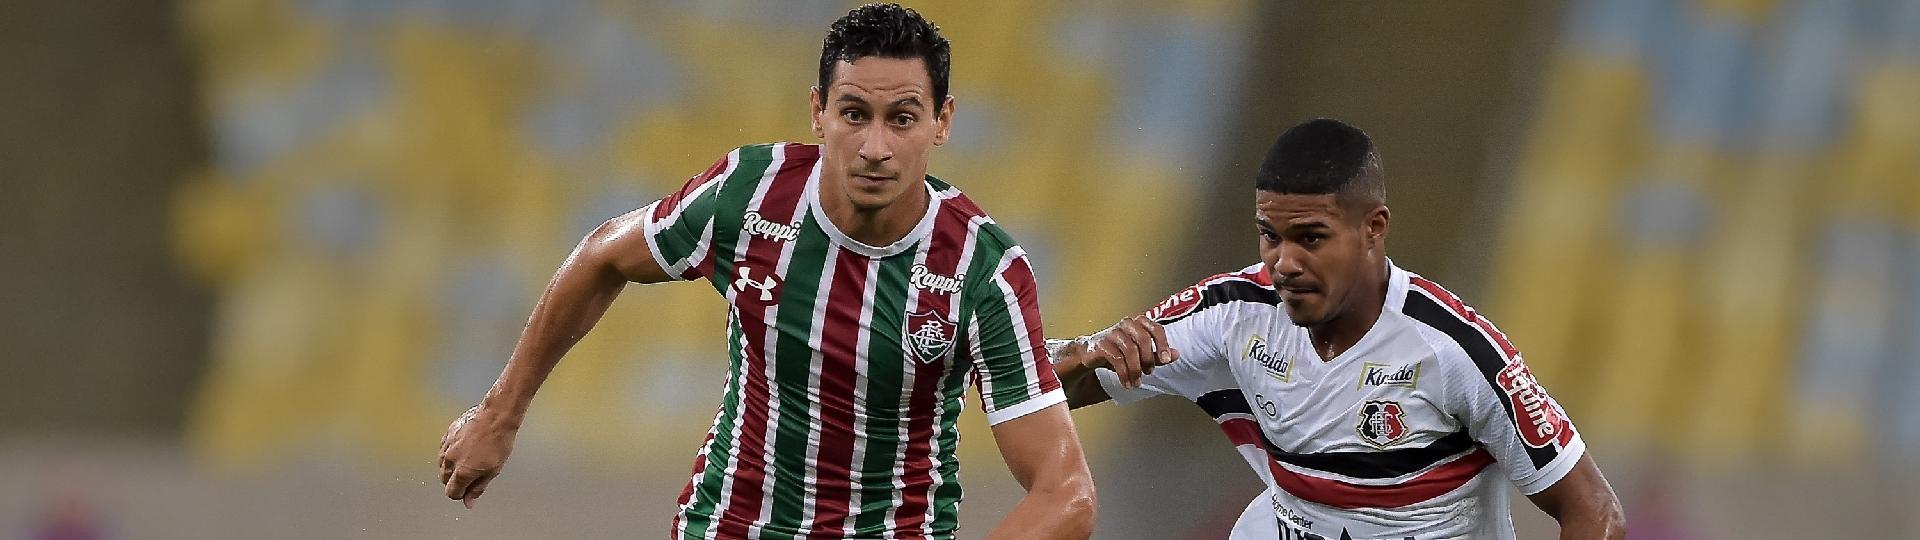 PH Ganso, do Fluminense, disputa lance com Carlos Renato, do Santa Cruz, durante partida pela Copa do Brasil 2019